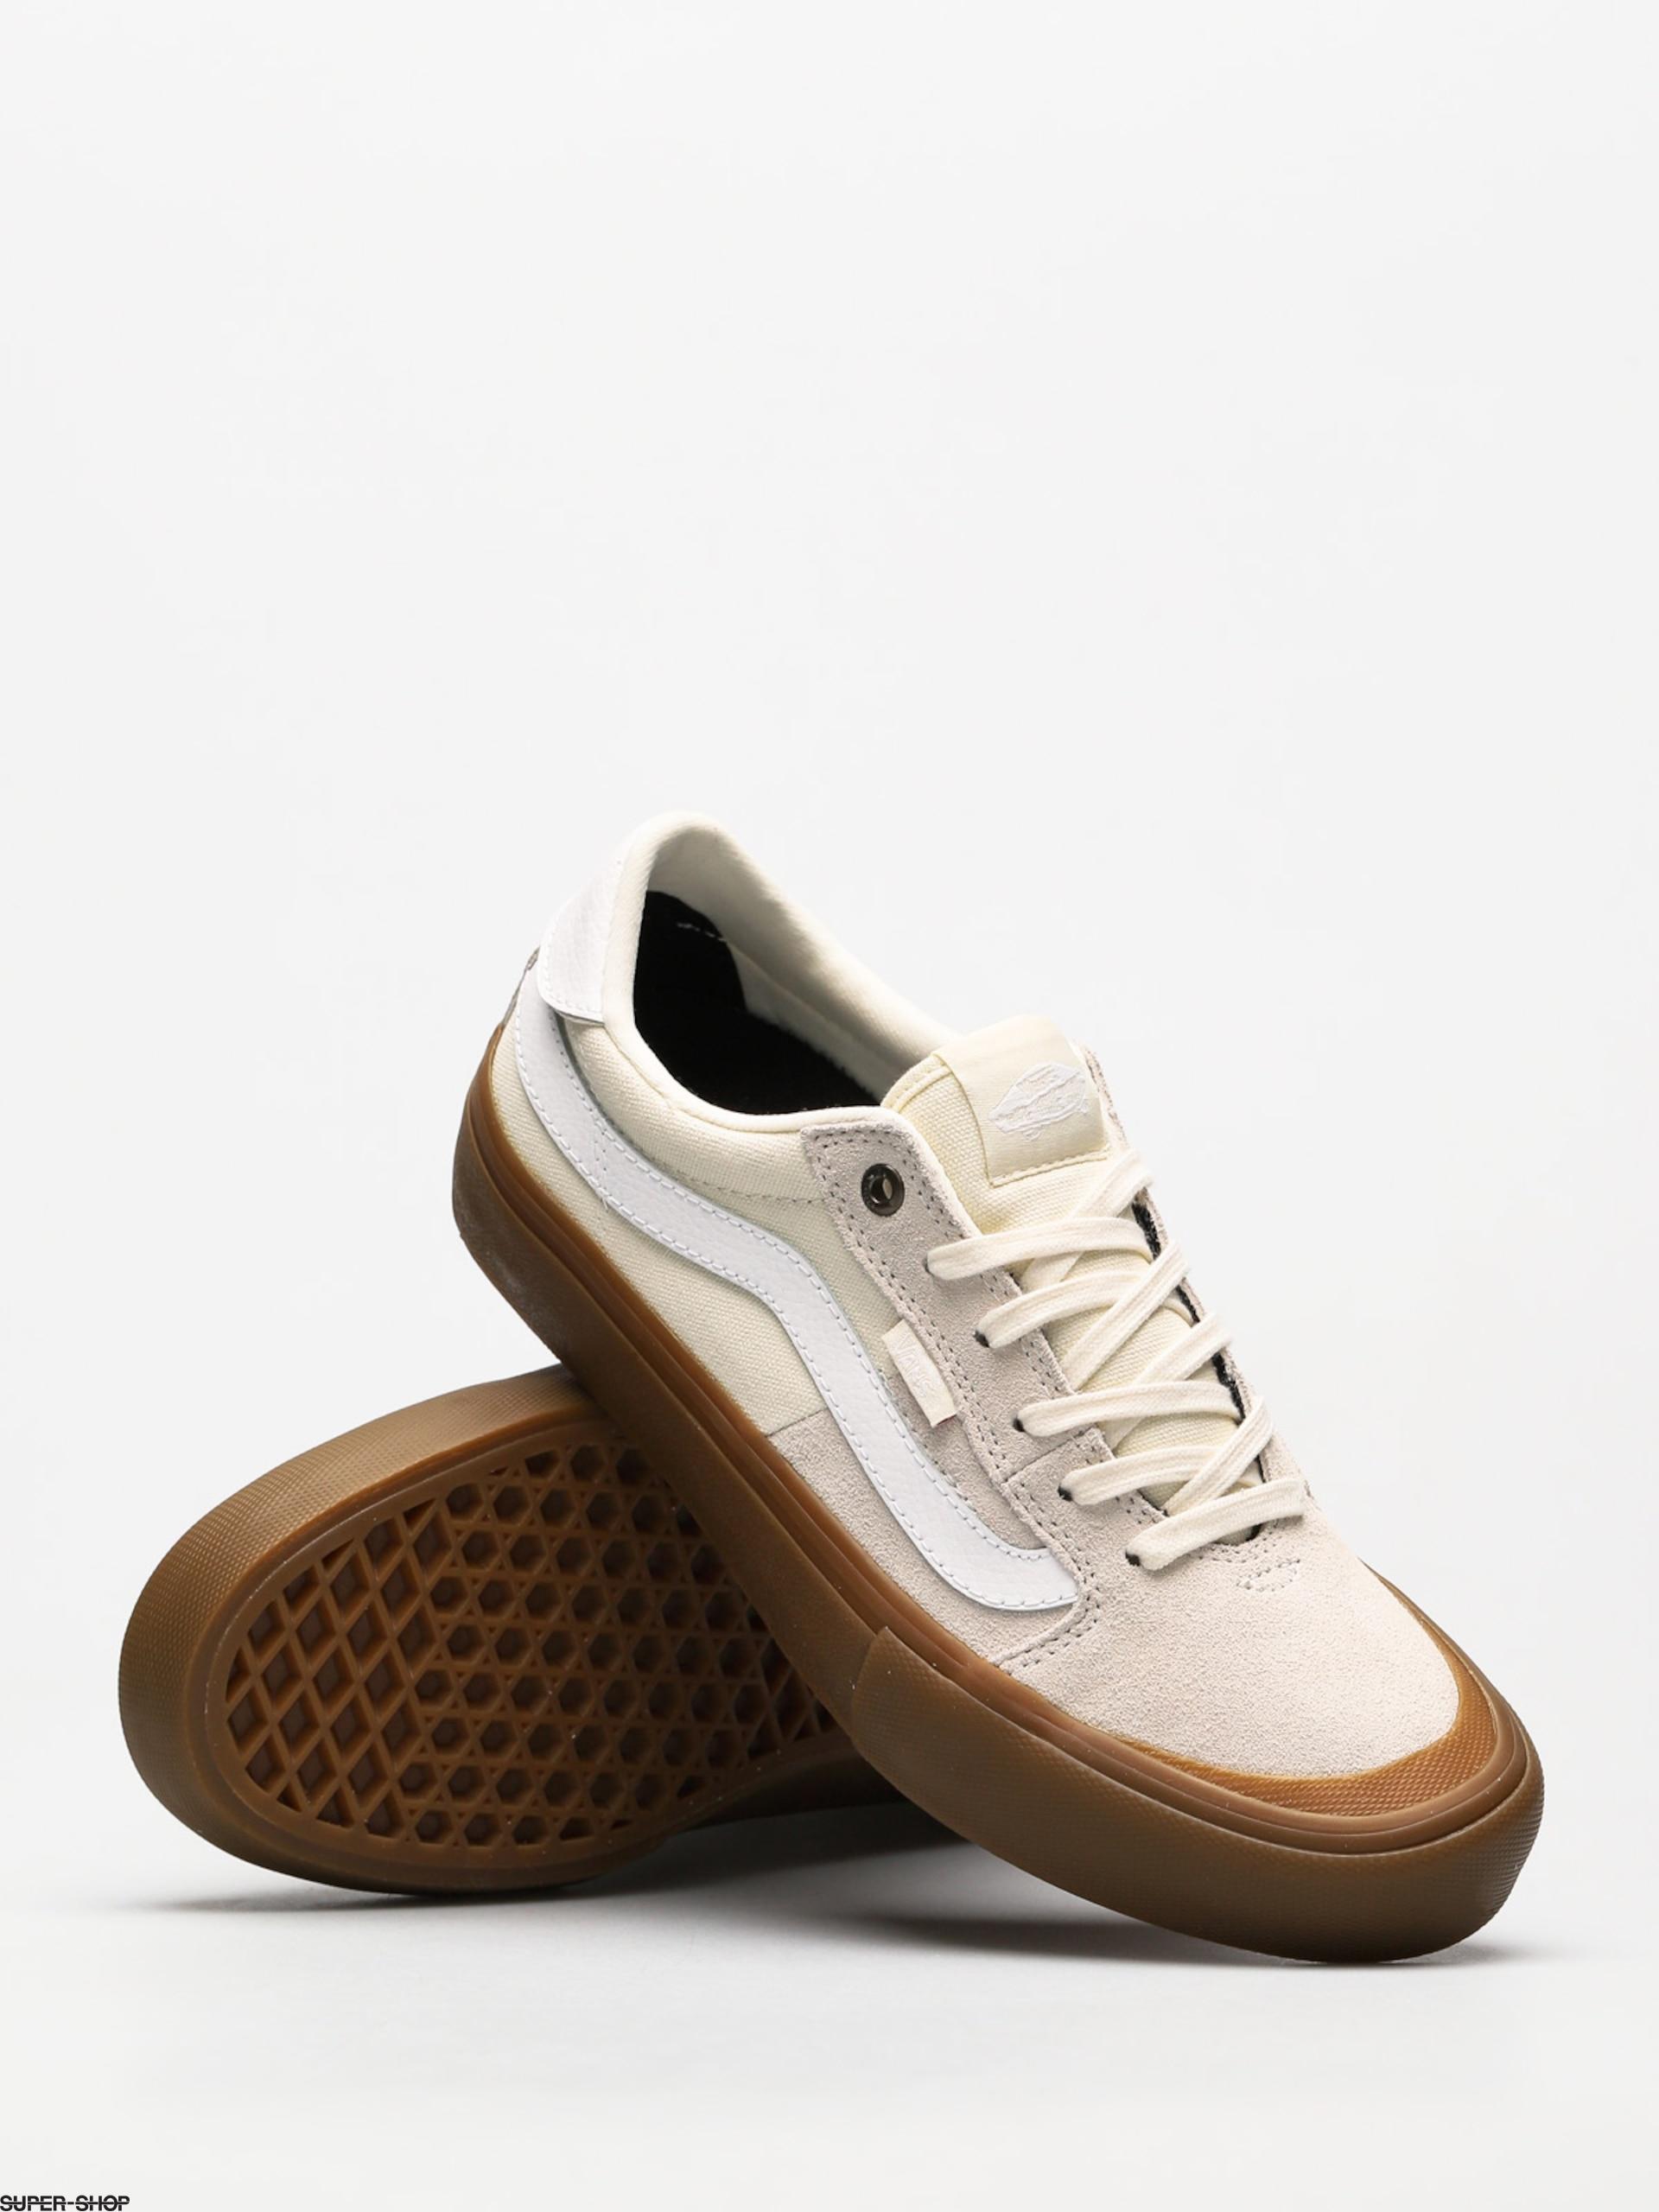 Vans Shoes Style 112 Pro (marshmallow/gum)